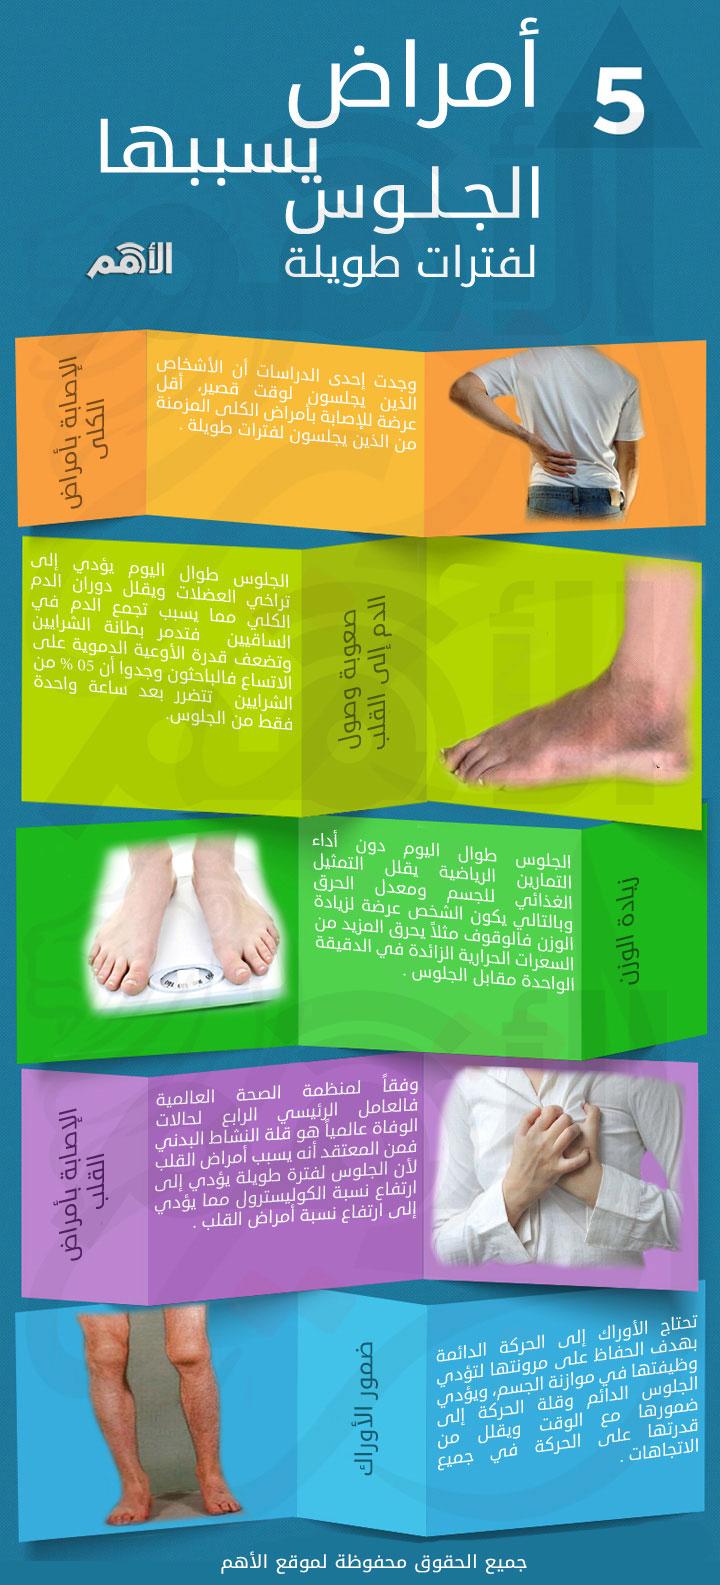 انفوجرافيك 5 أمراض يسببها الجلوس لفترة طويلة